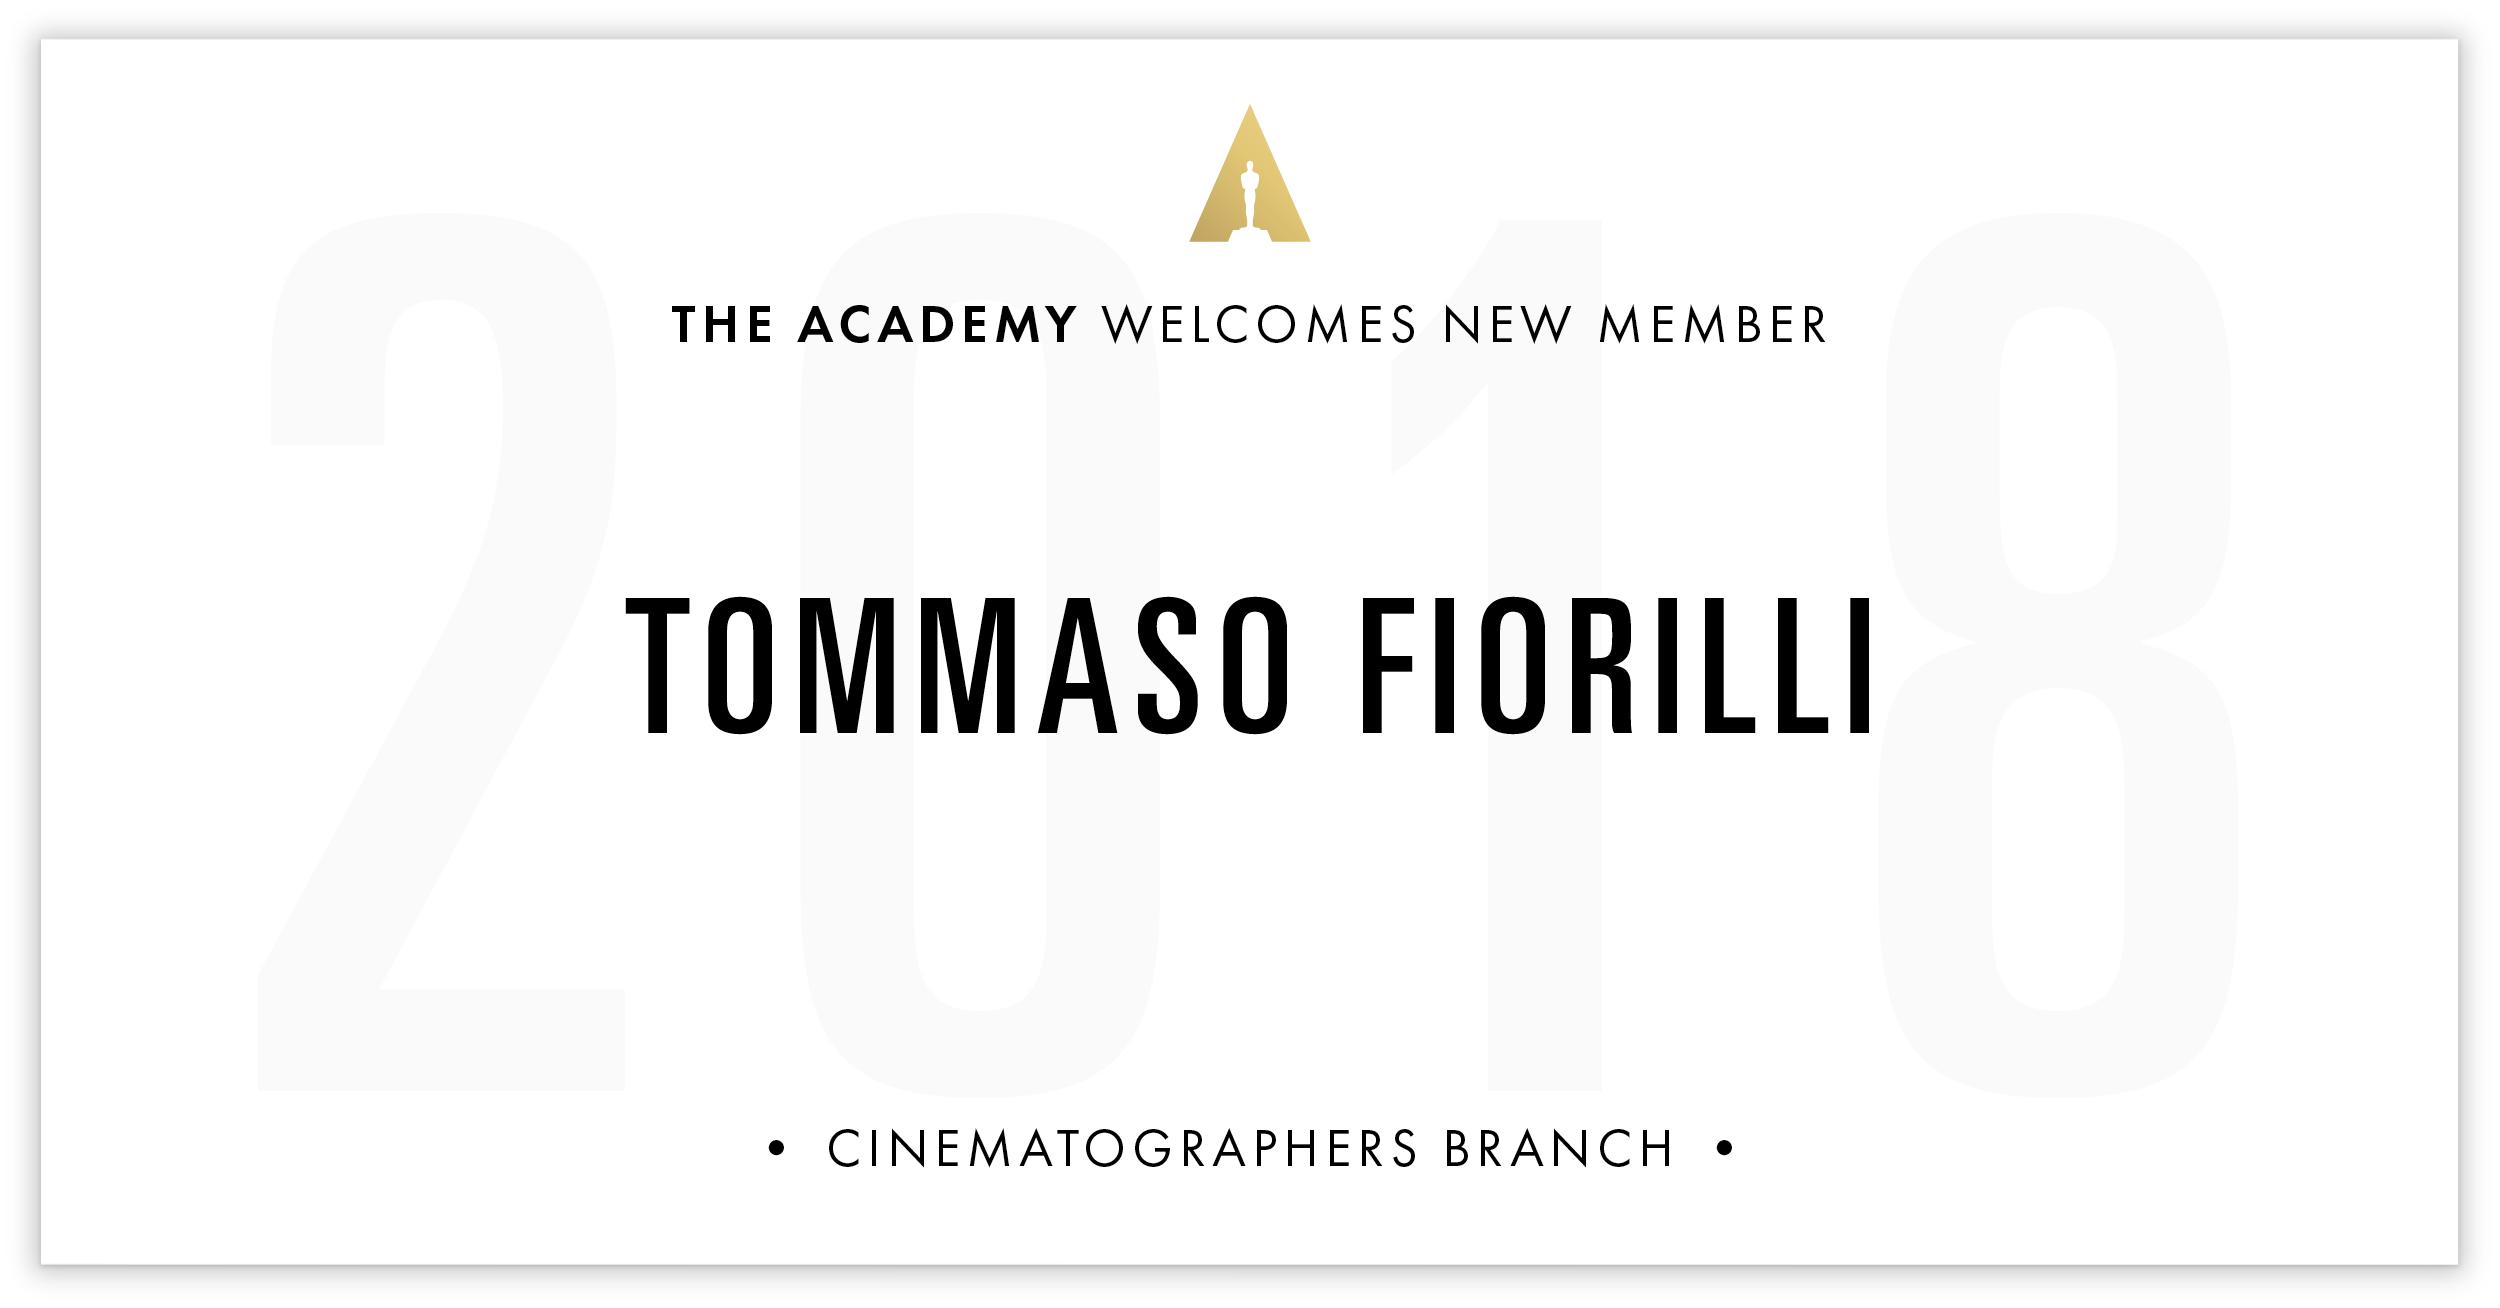 Tommaso Fiorilli is invited!